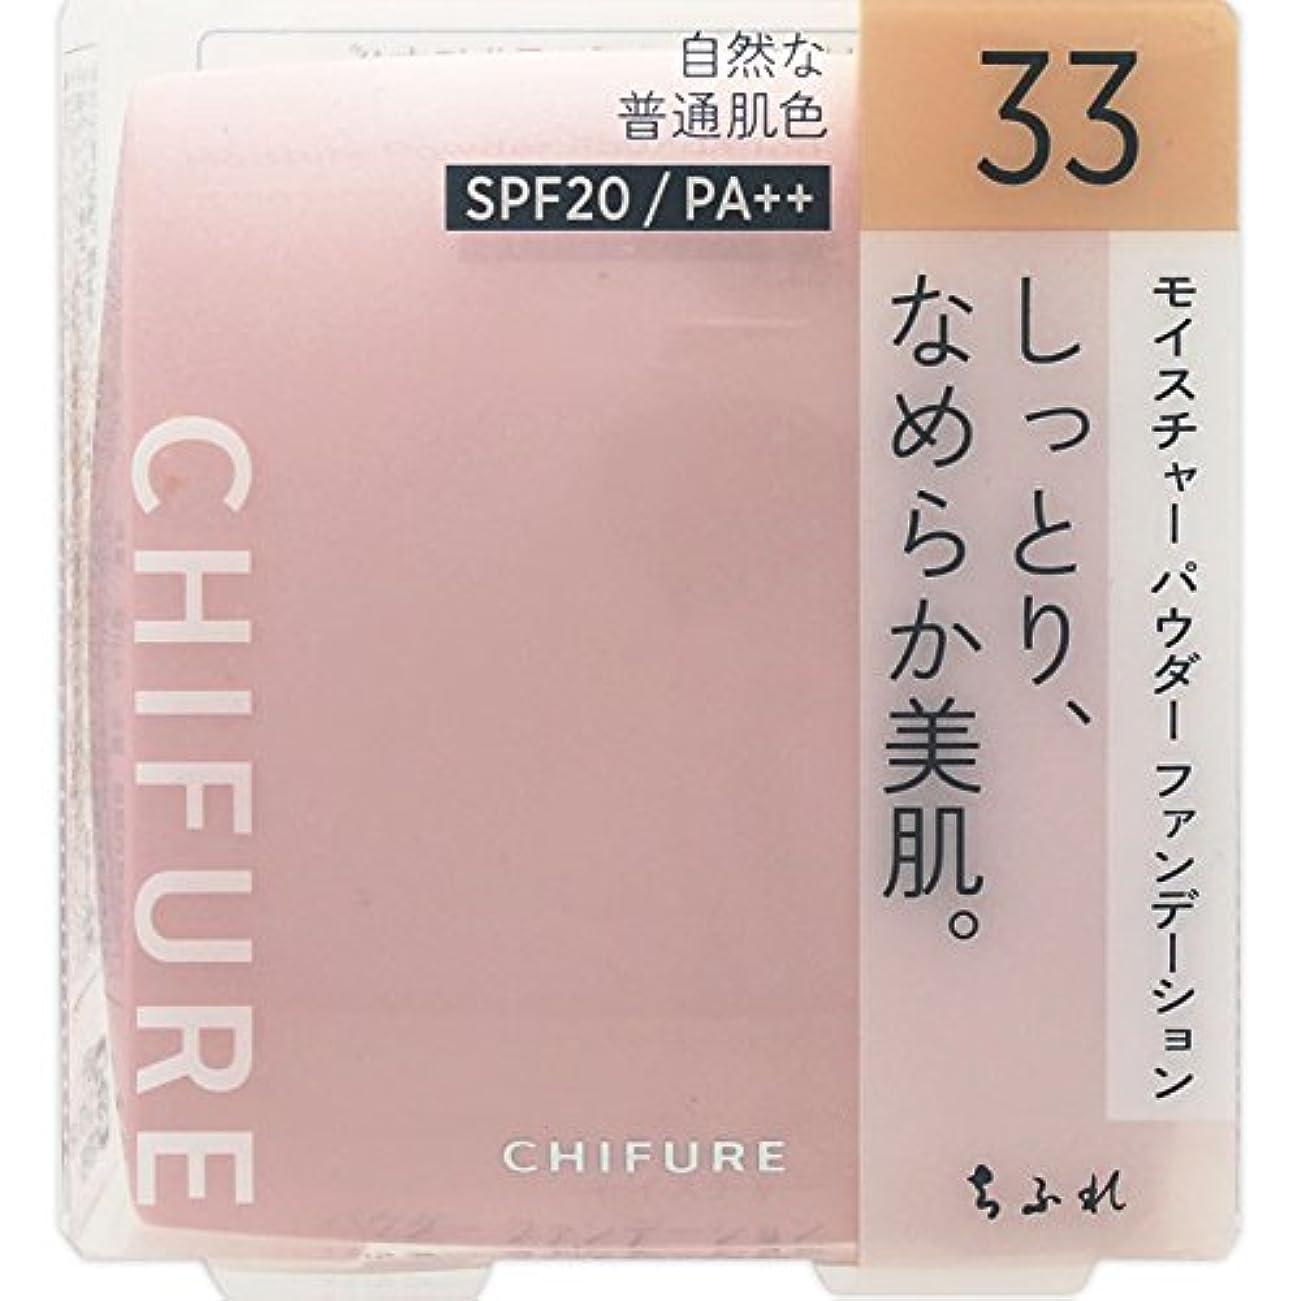 寛大さメルボルンコートちふれ化粧品 モイスチャー パウダーファンデーション(スポンジ入り) 33 オークル系 MパウダーFD33